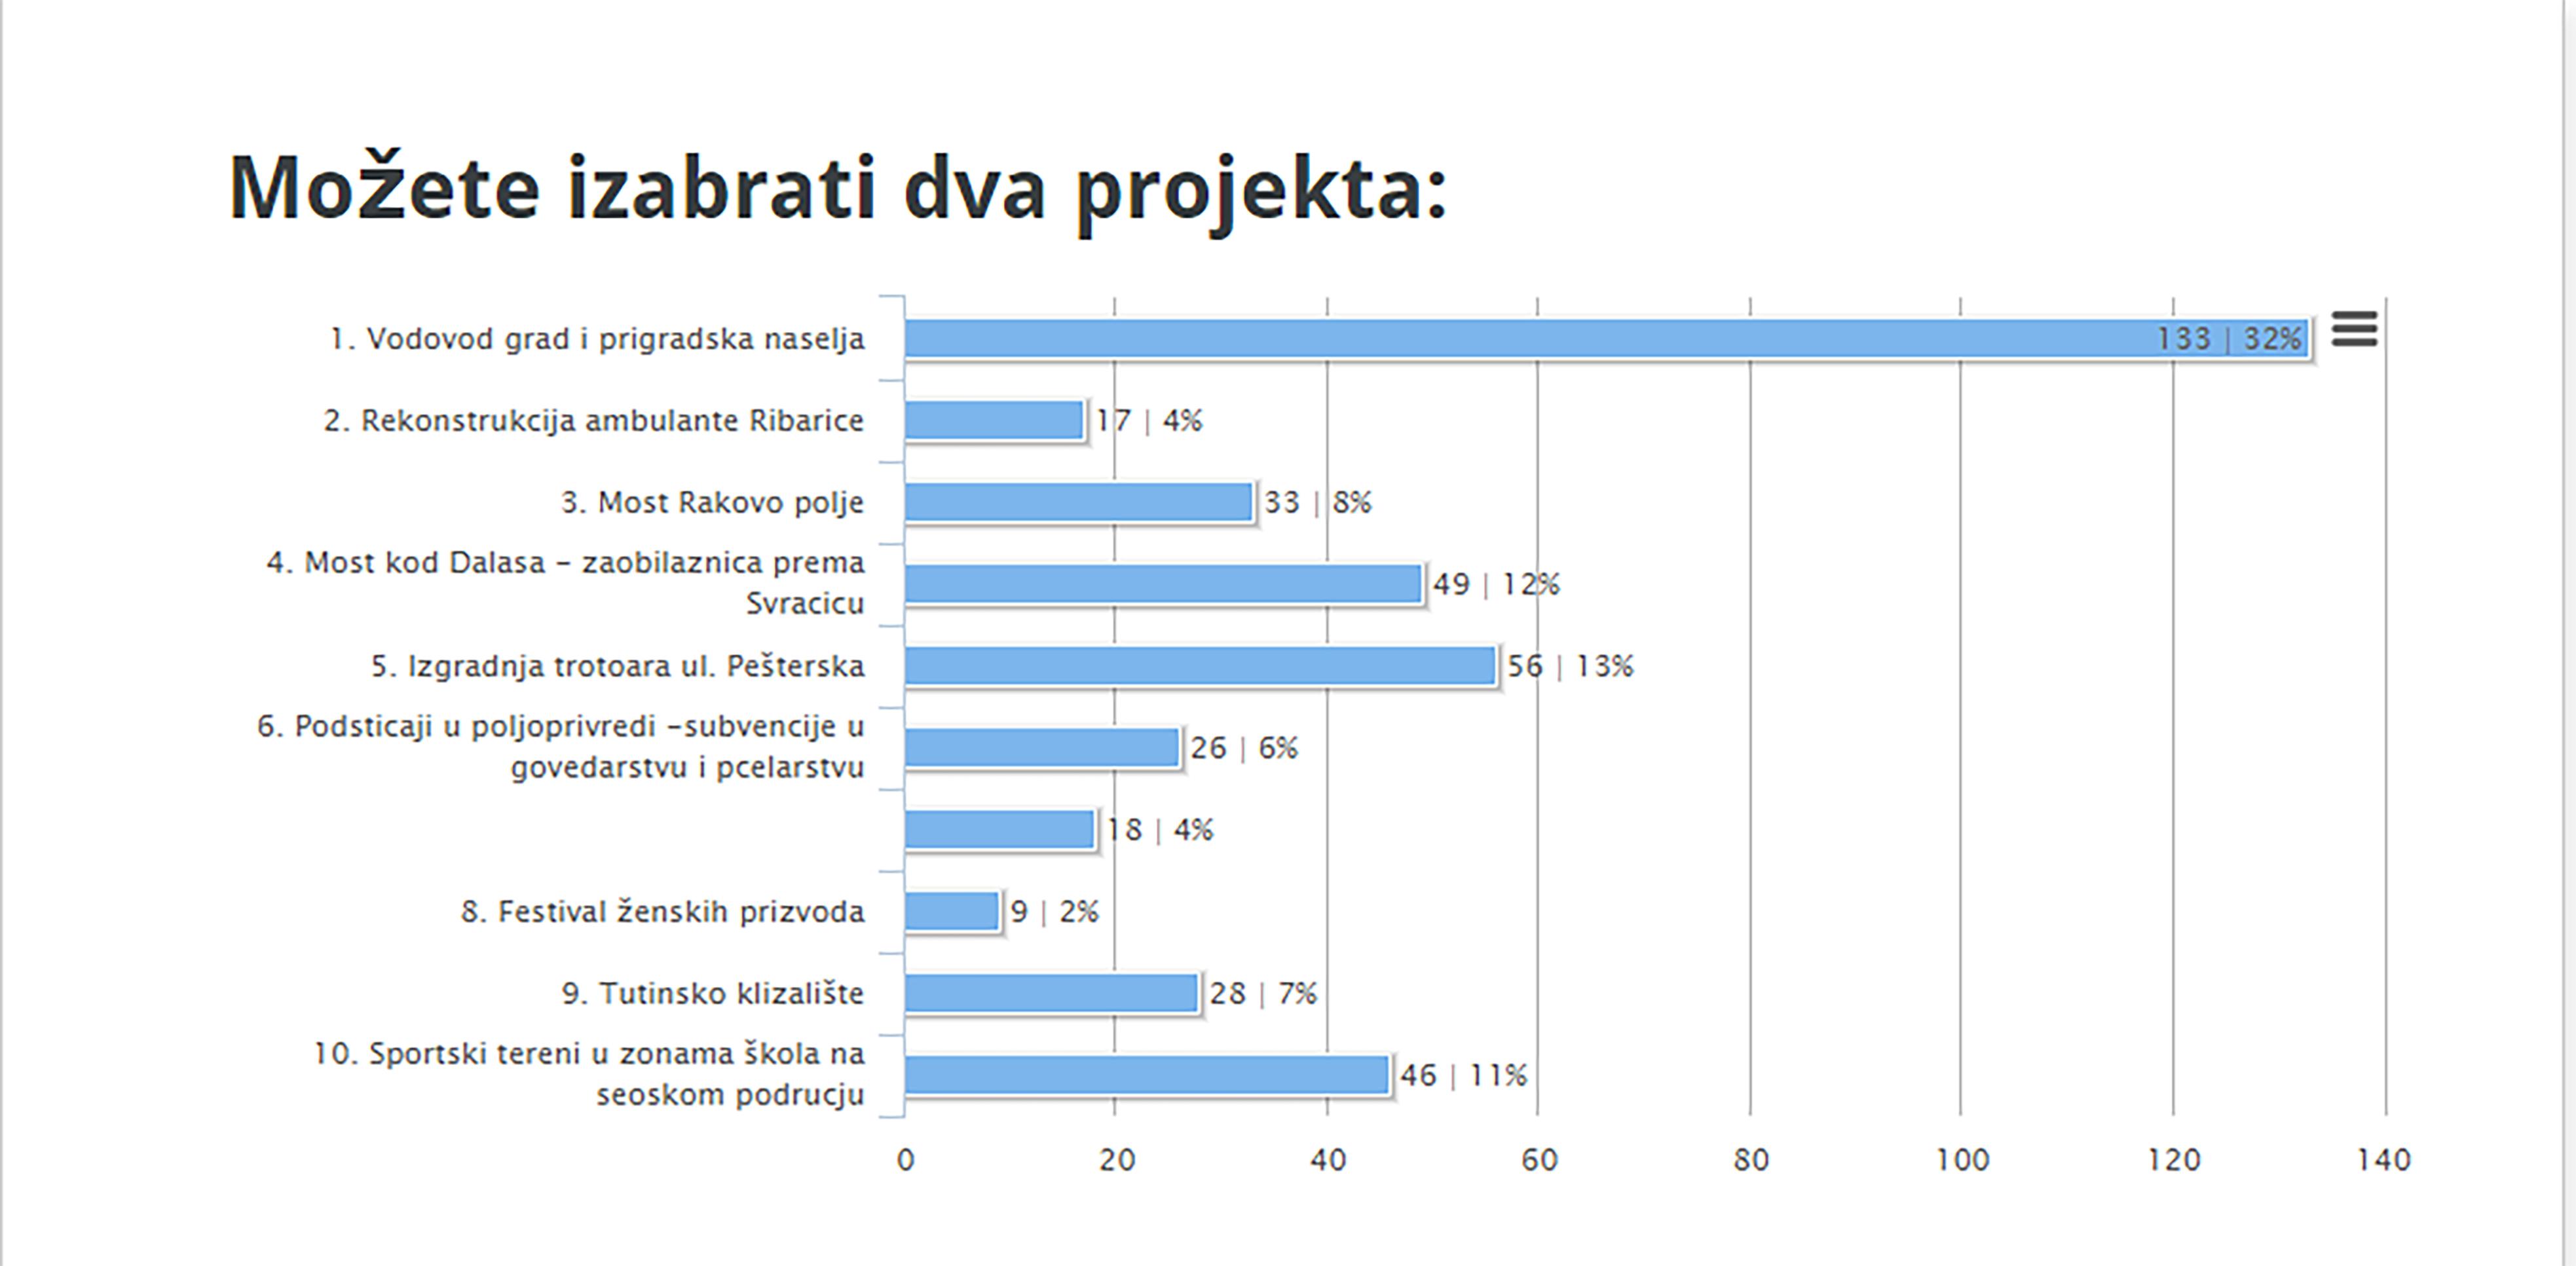 Rezultati glasanja